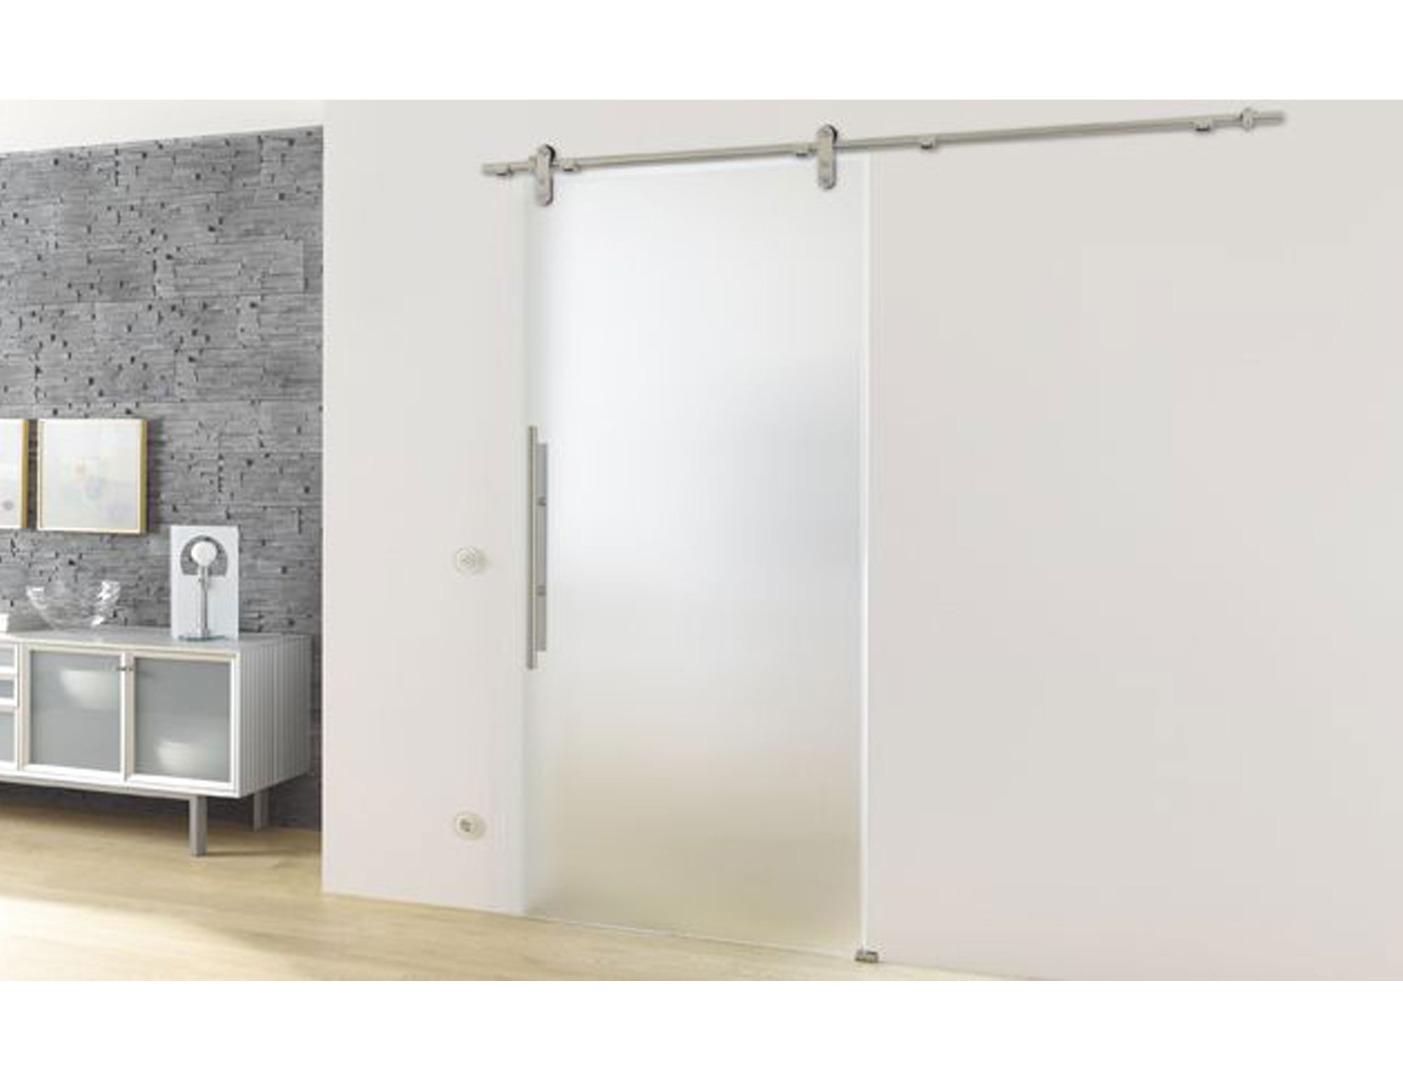 Memo Bespoke Glass Door Design Frosted Glass Doors Doors4uk